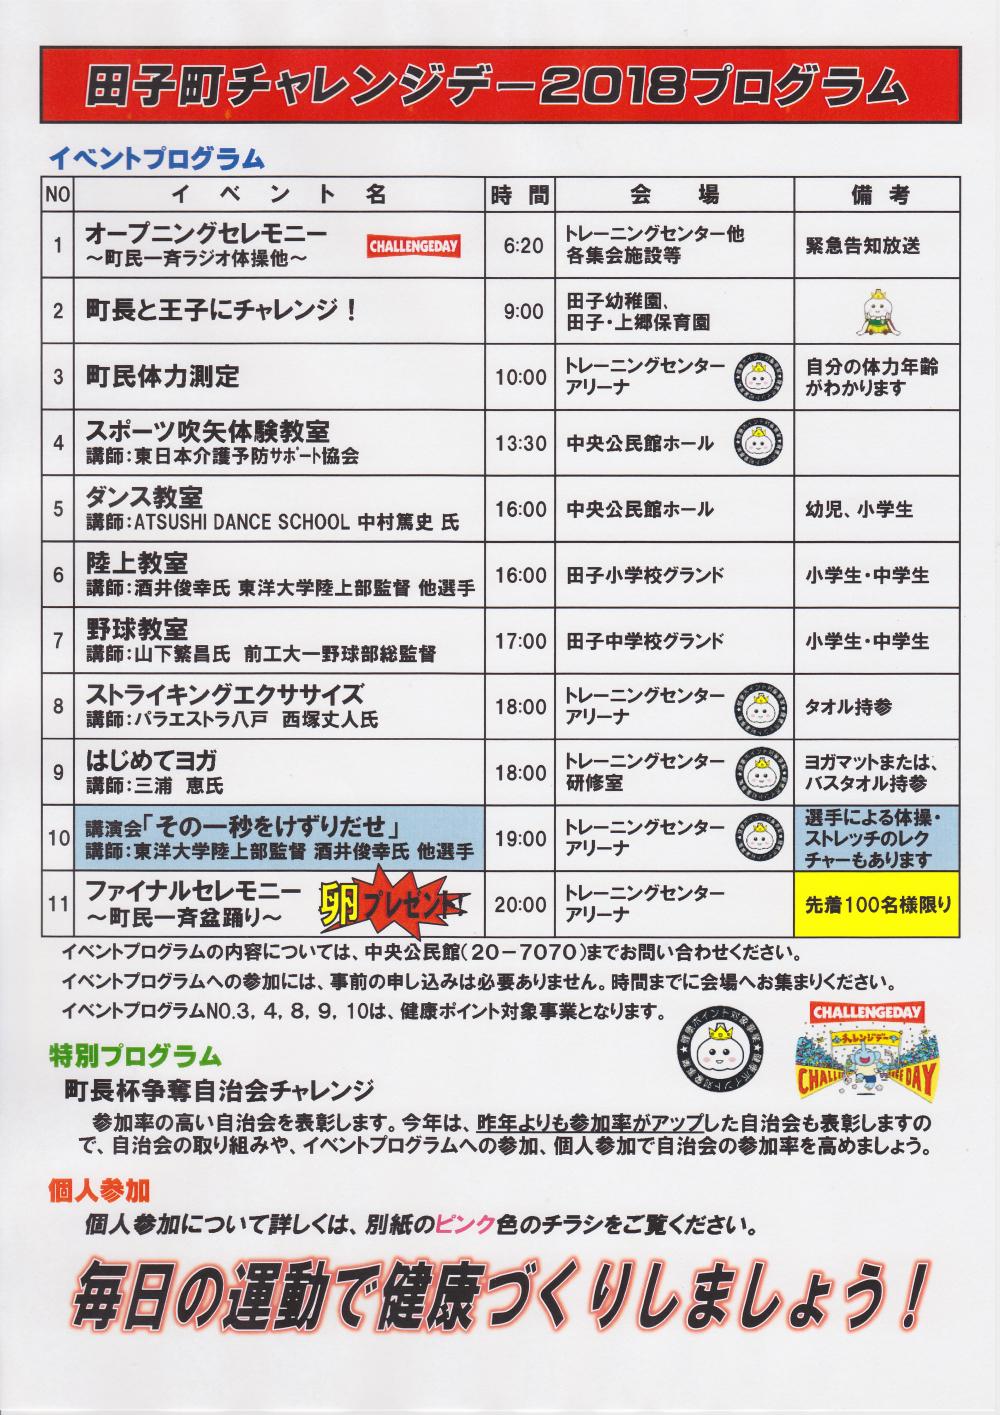 田子町チャレンジデー2018 チラシ ウラ